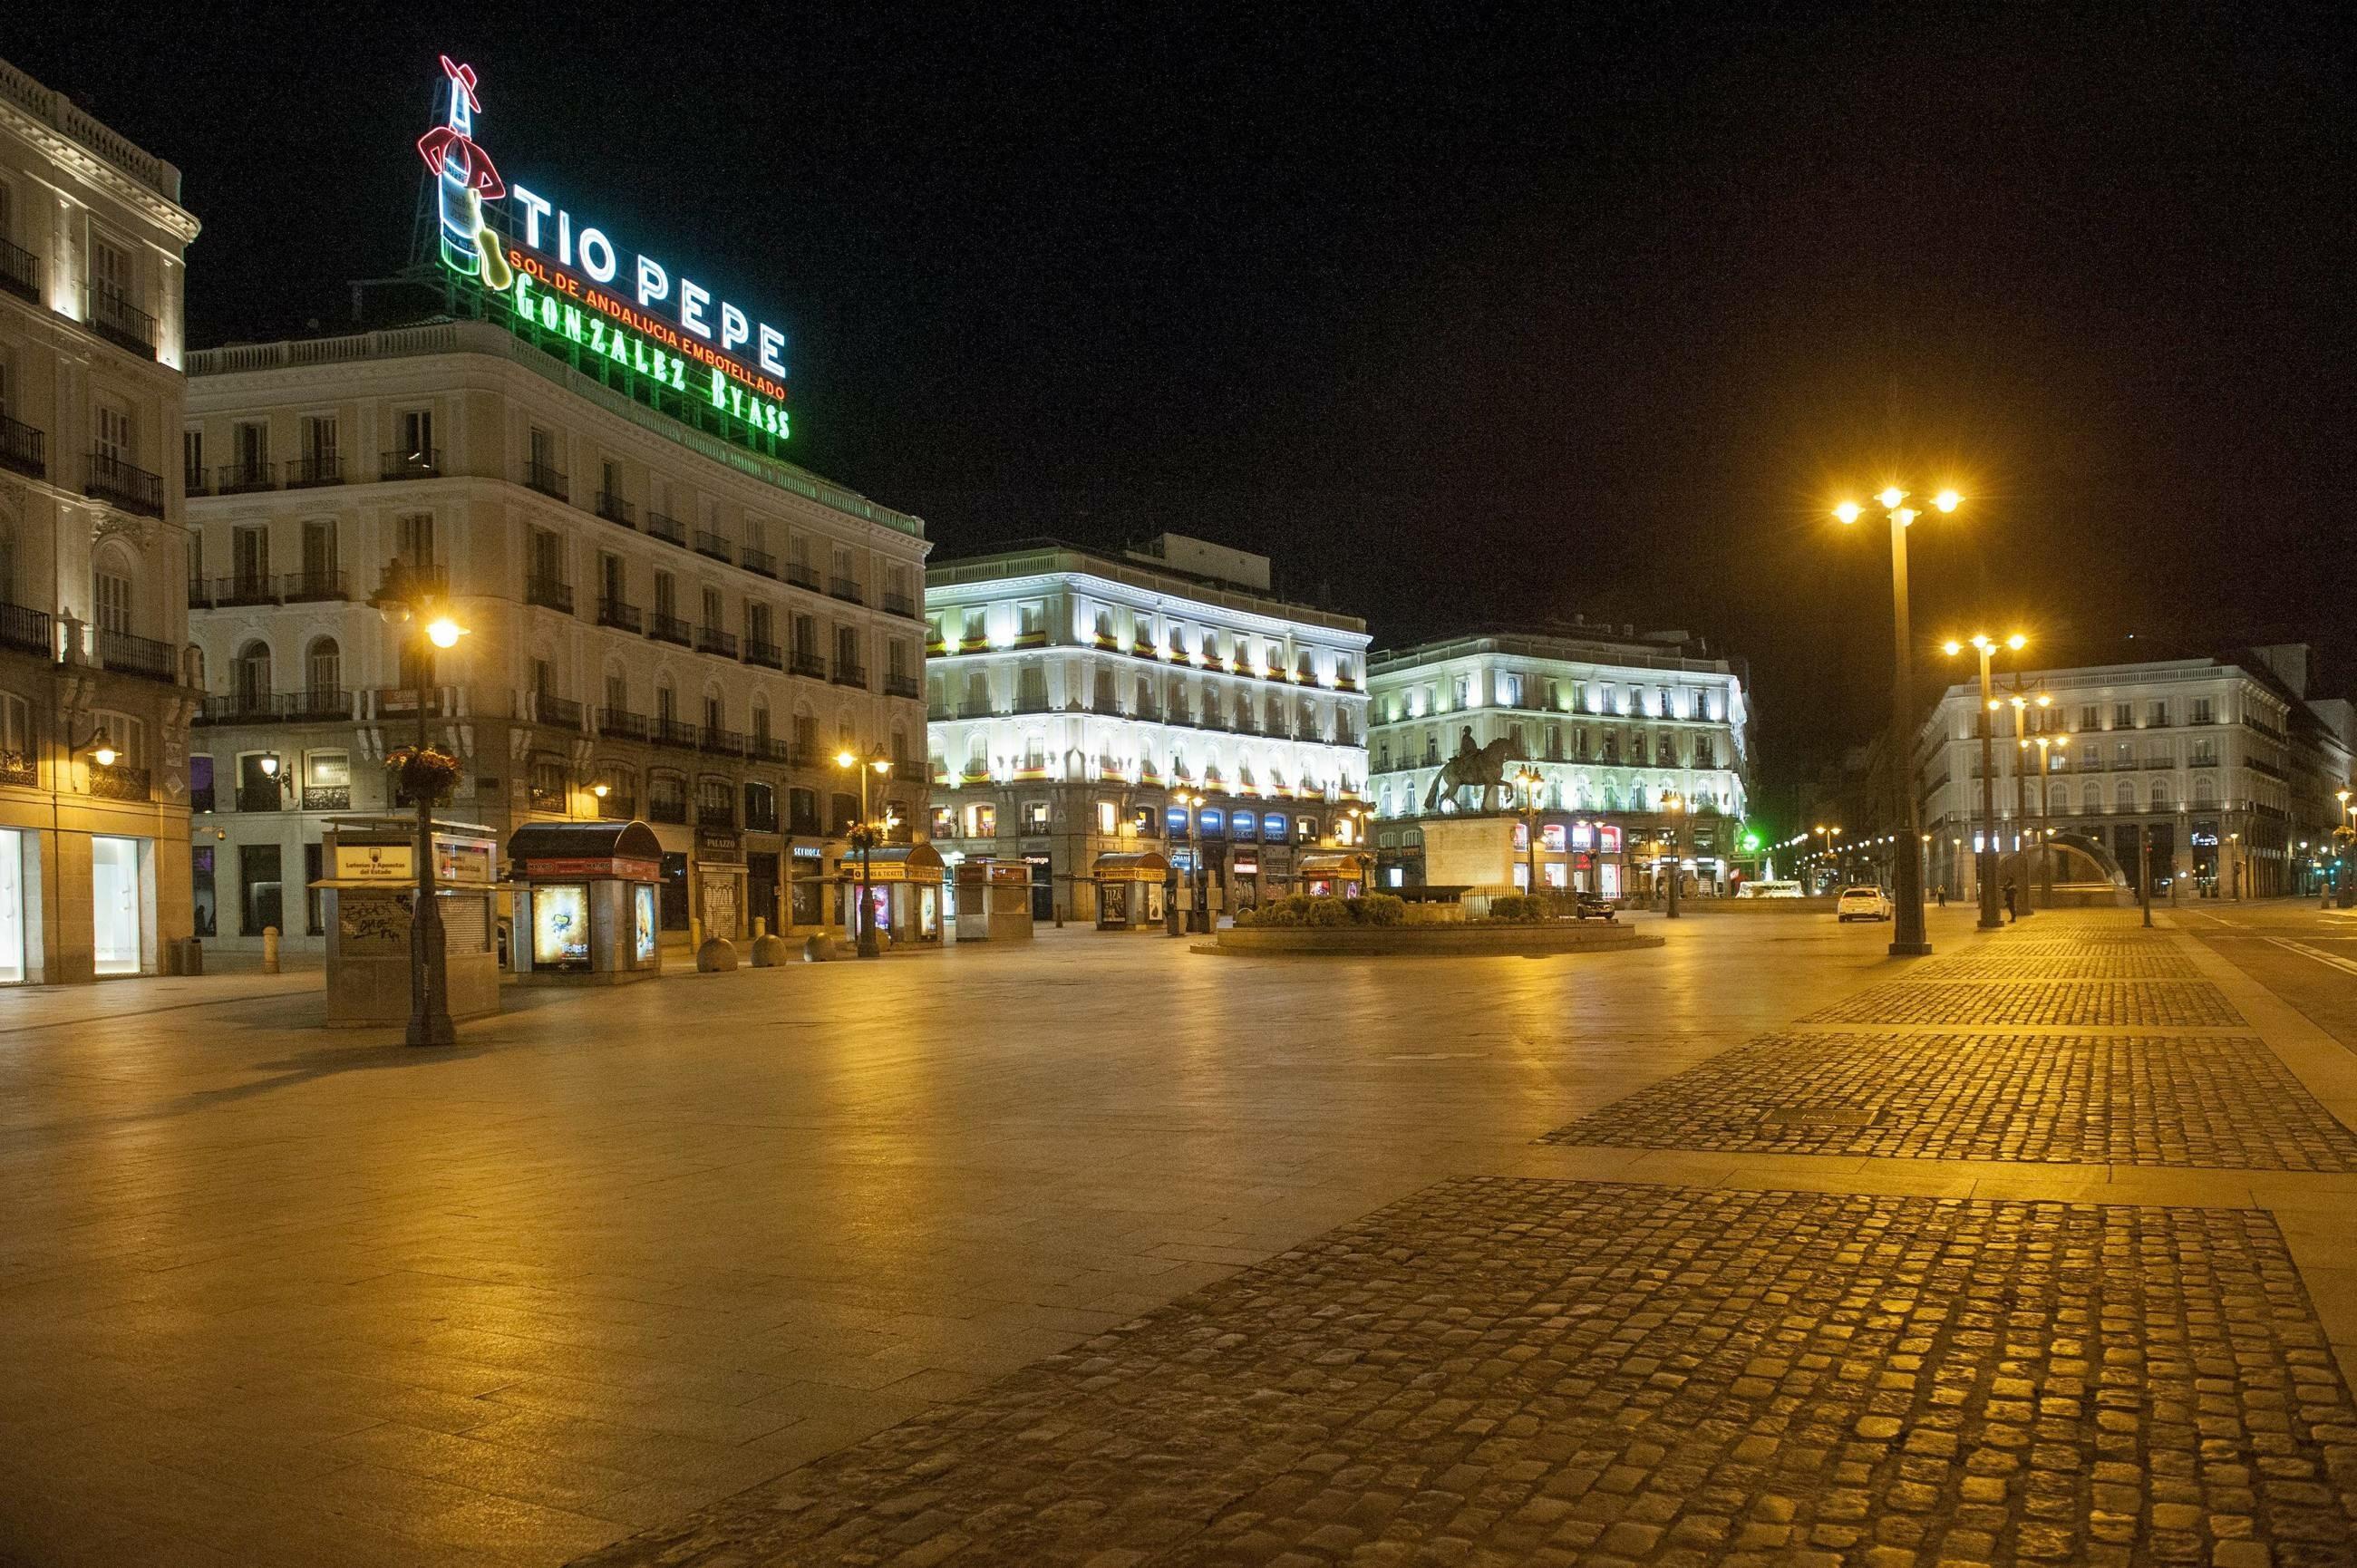 Opustoszały Puerta del Sol w Madrycie